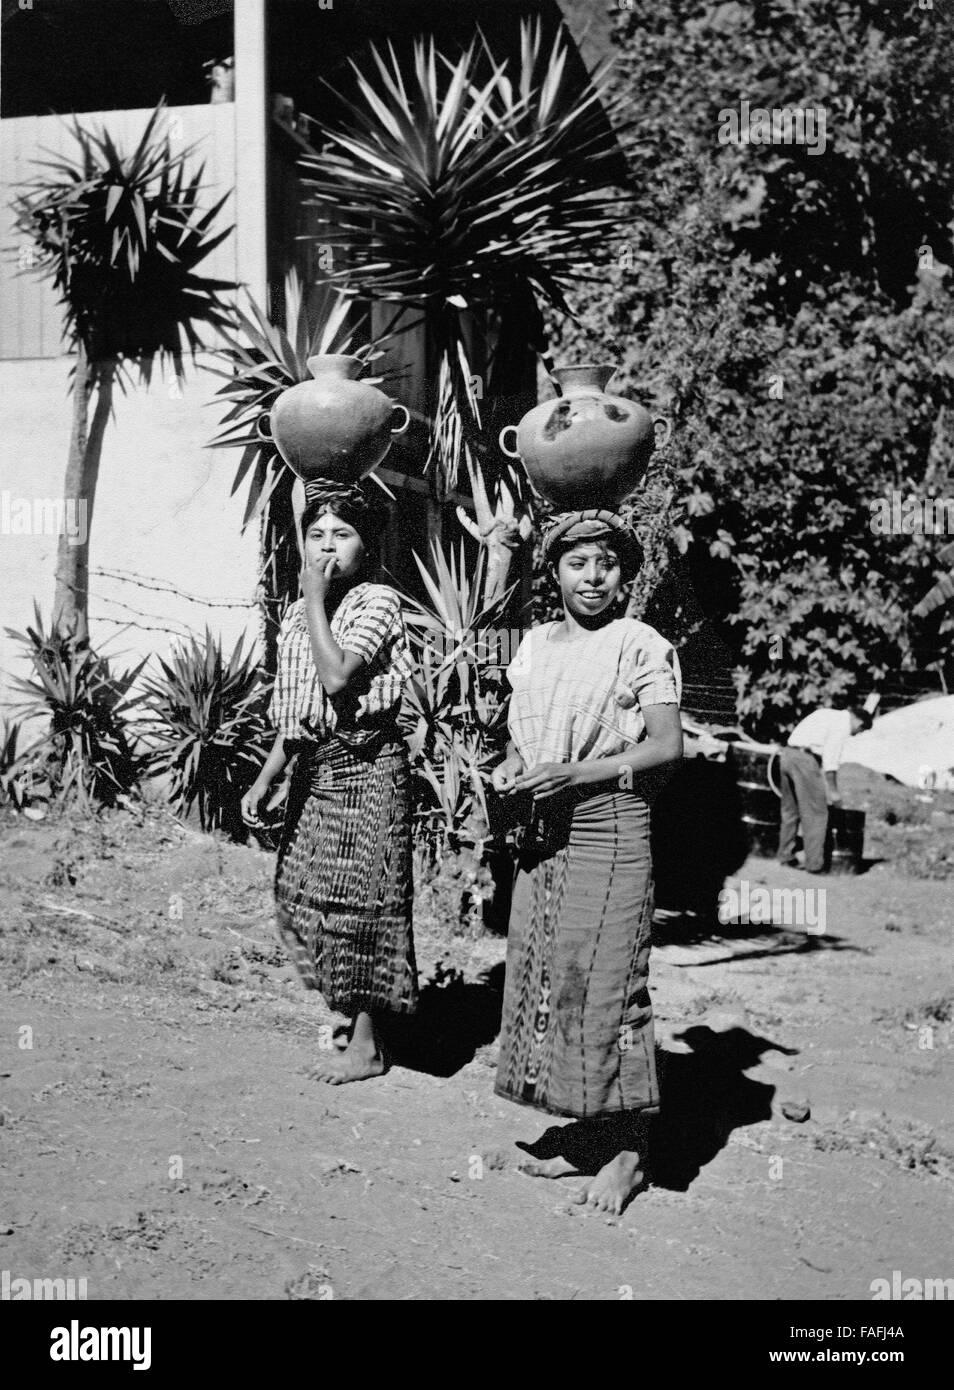 Frauen in Santiago Atitlan, Guatemala 1970er Jahre. Women of Santiago Atitlan, Guatemala 1970s. Stock Photo